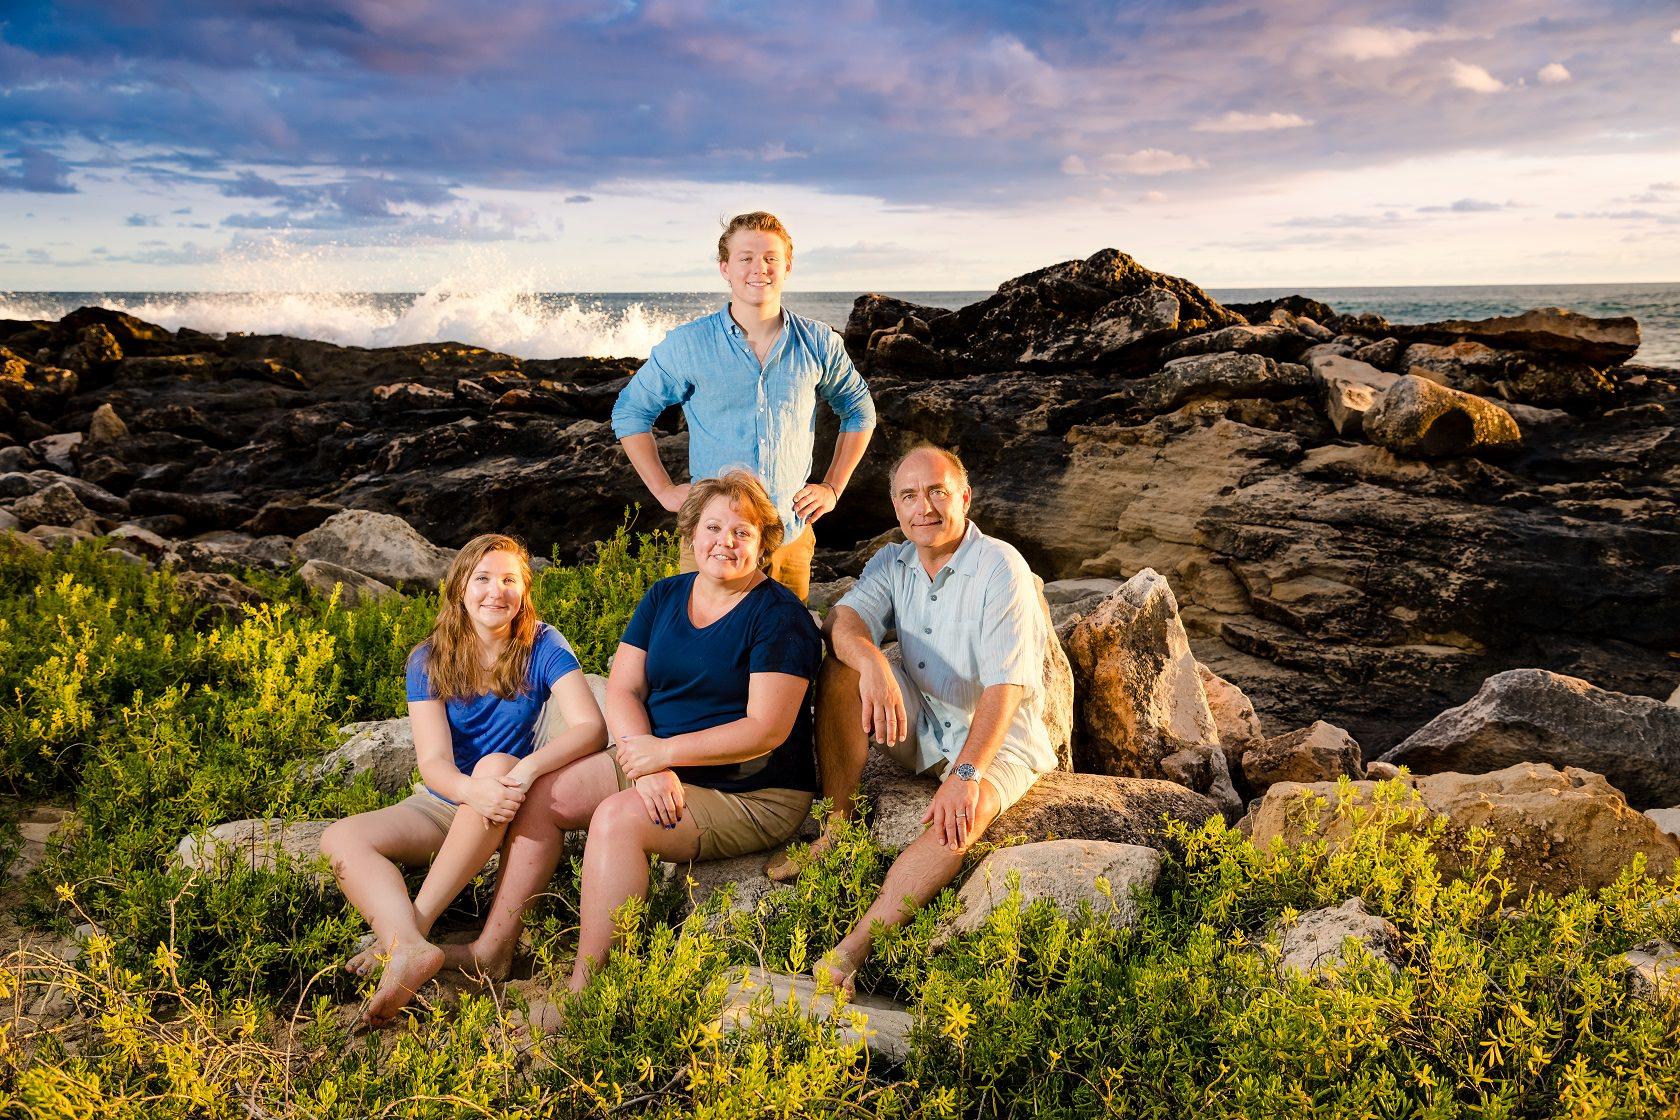 kauai family photography session beach rocks ocean sunset